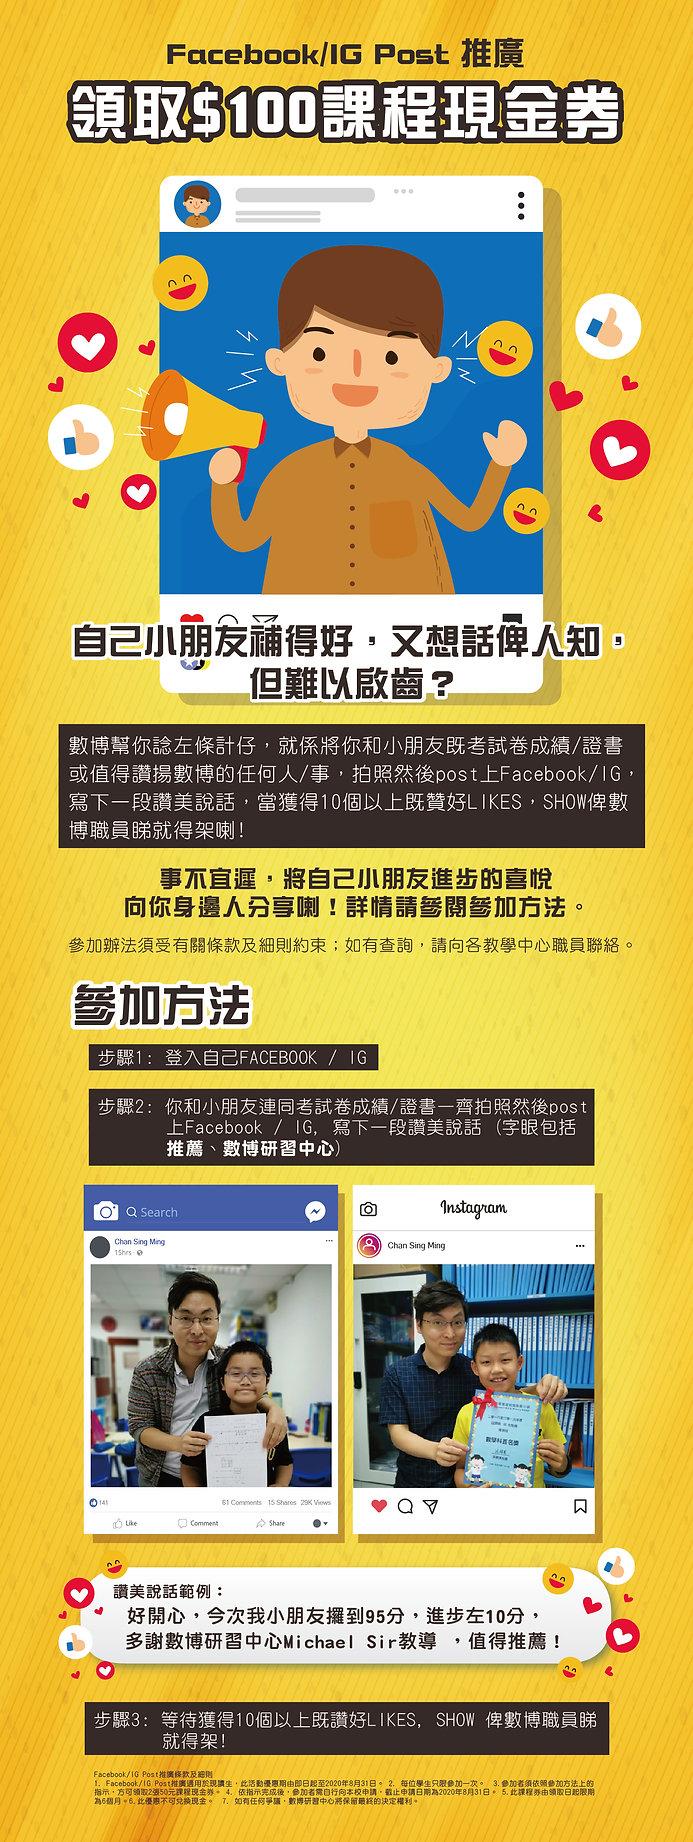 website_推廣FB_IG POST01_ver 1.2.jpg